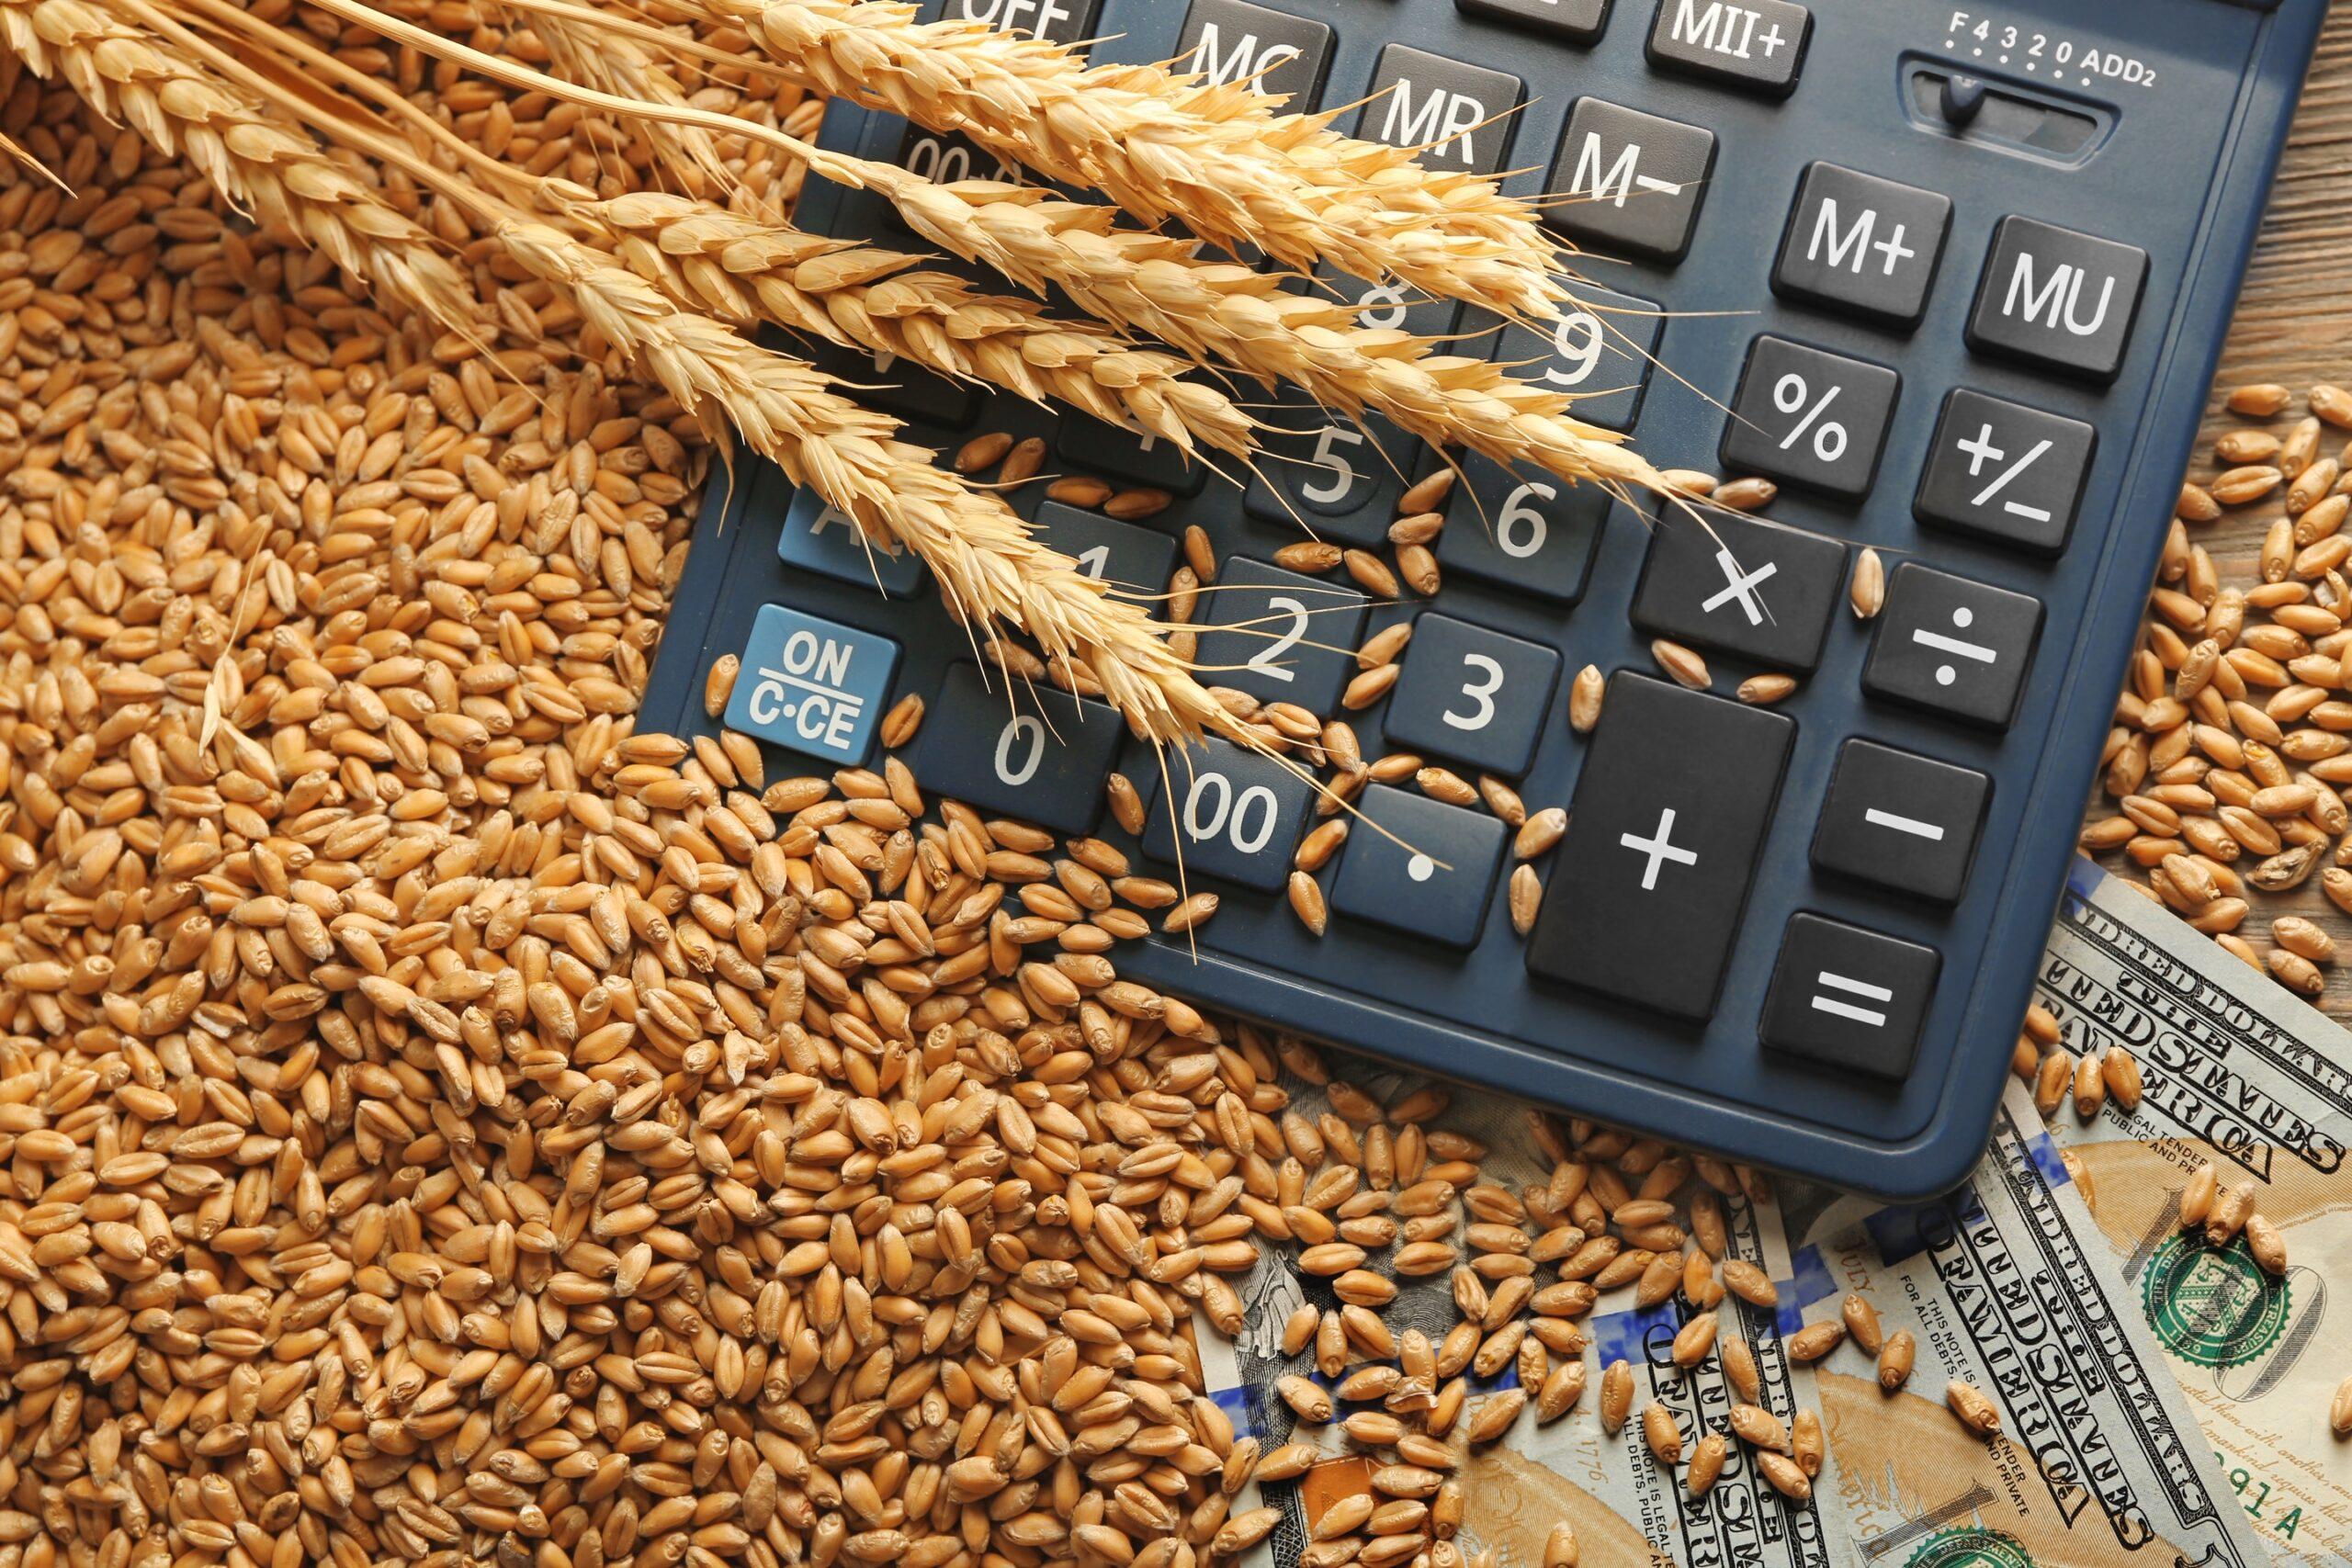 DATOS SOBRE LA REFORMA AGRARIA EN EL PERU